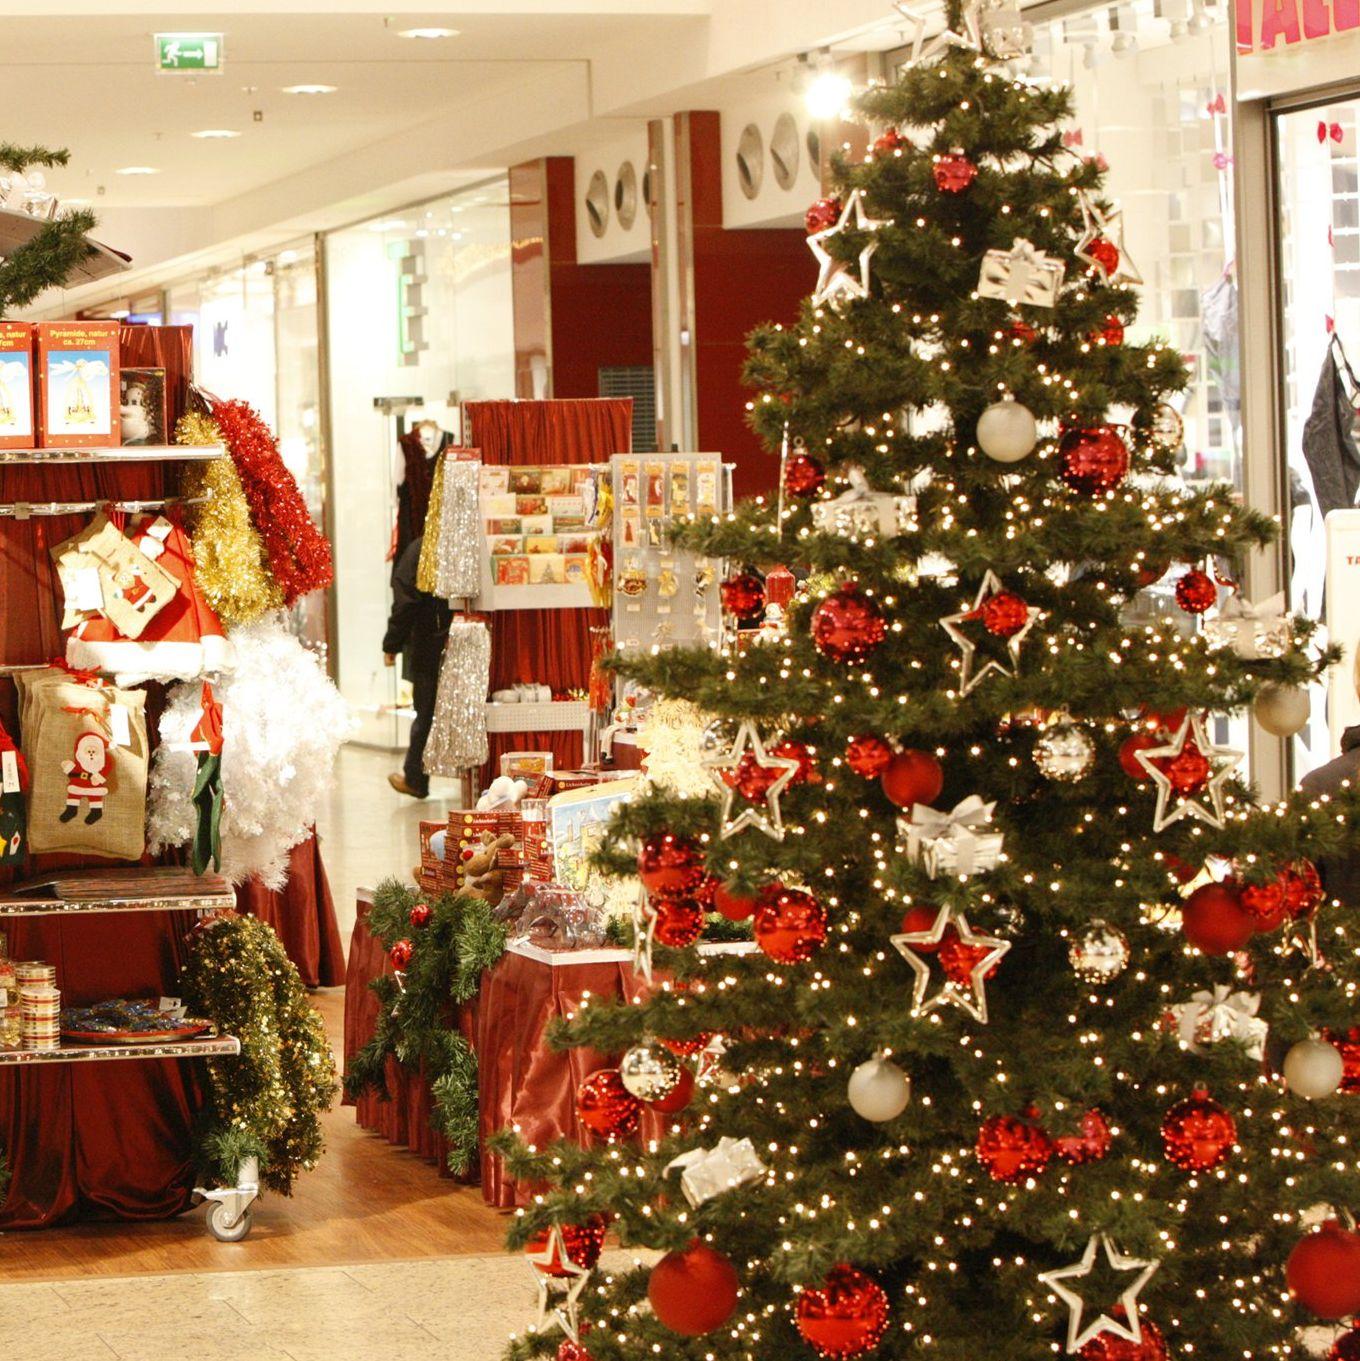 studie budget f r weihnachtsgeschenke steigt deutlich. Black Bedroom Furniture Sets. Home Design Ideas